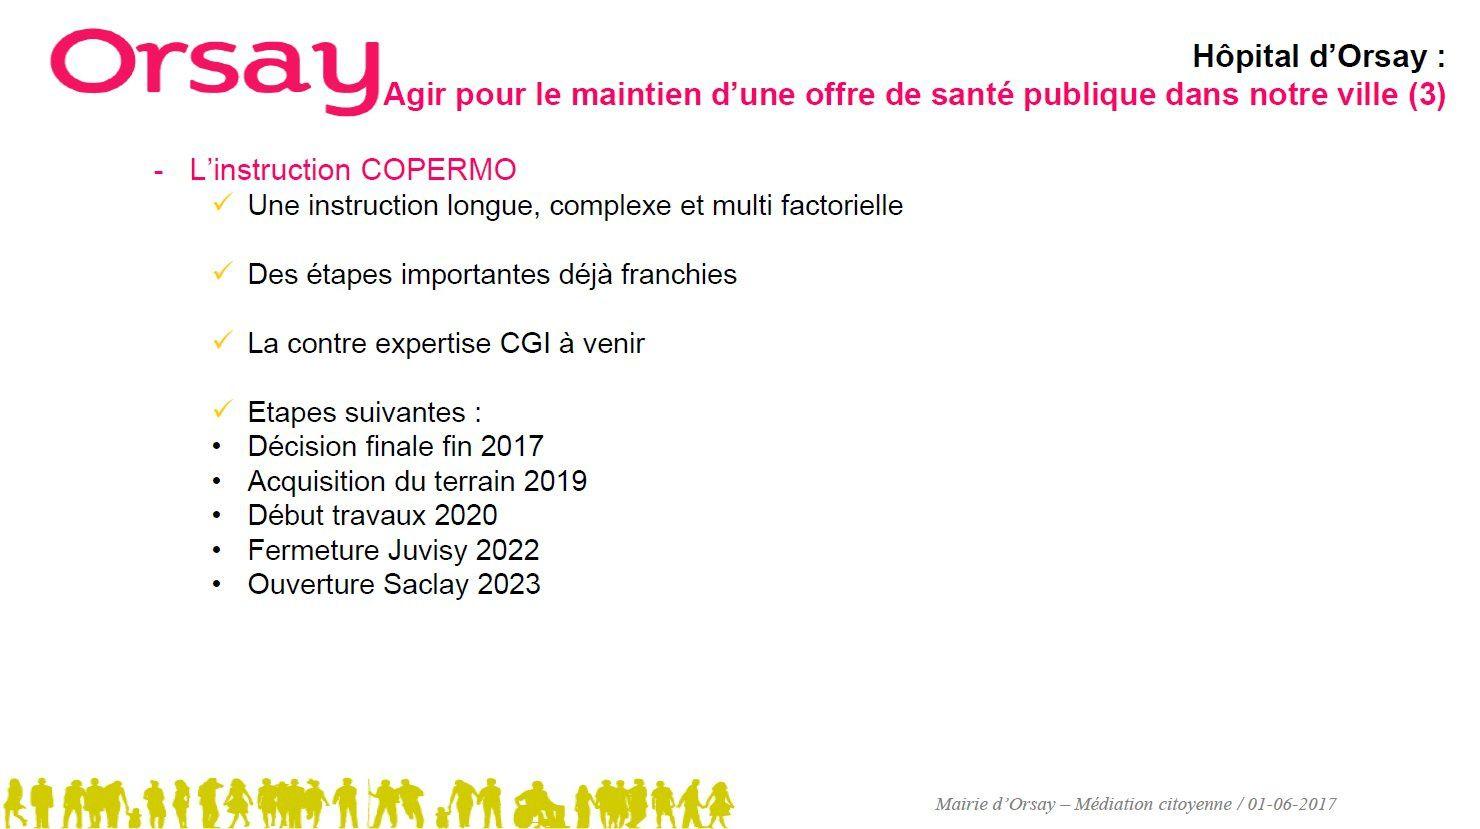 Le projet du nouvel hôpital d'Orsay présenté  aux professionnels de santé